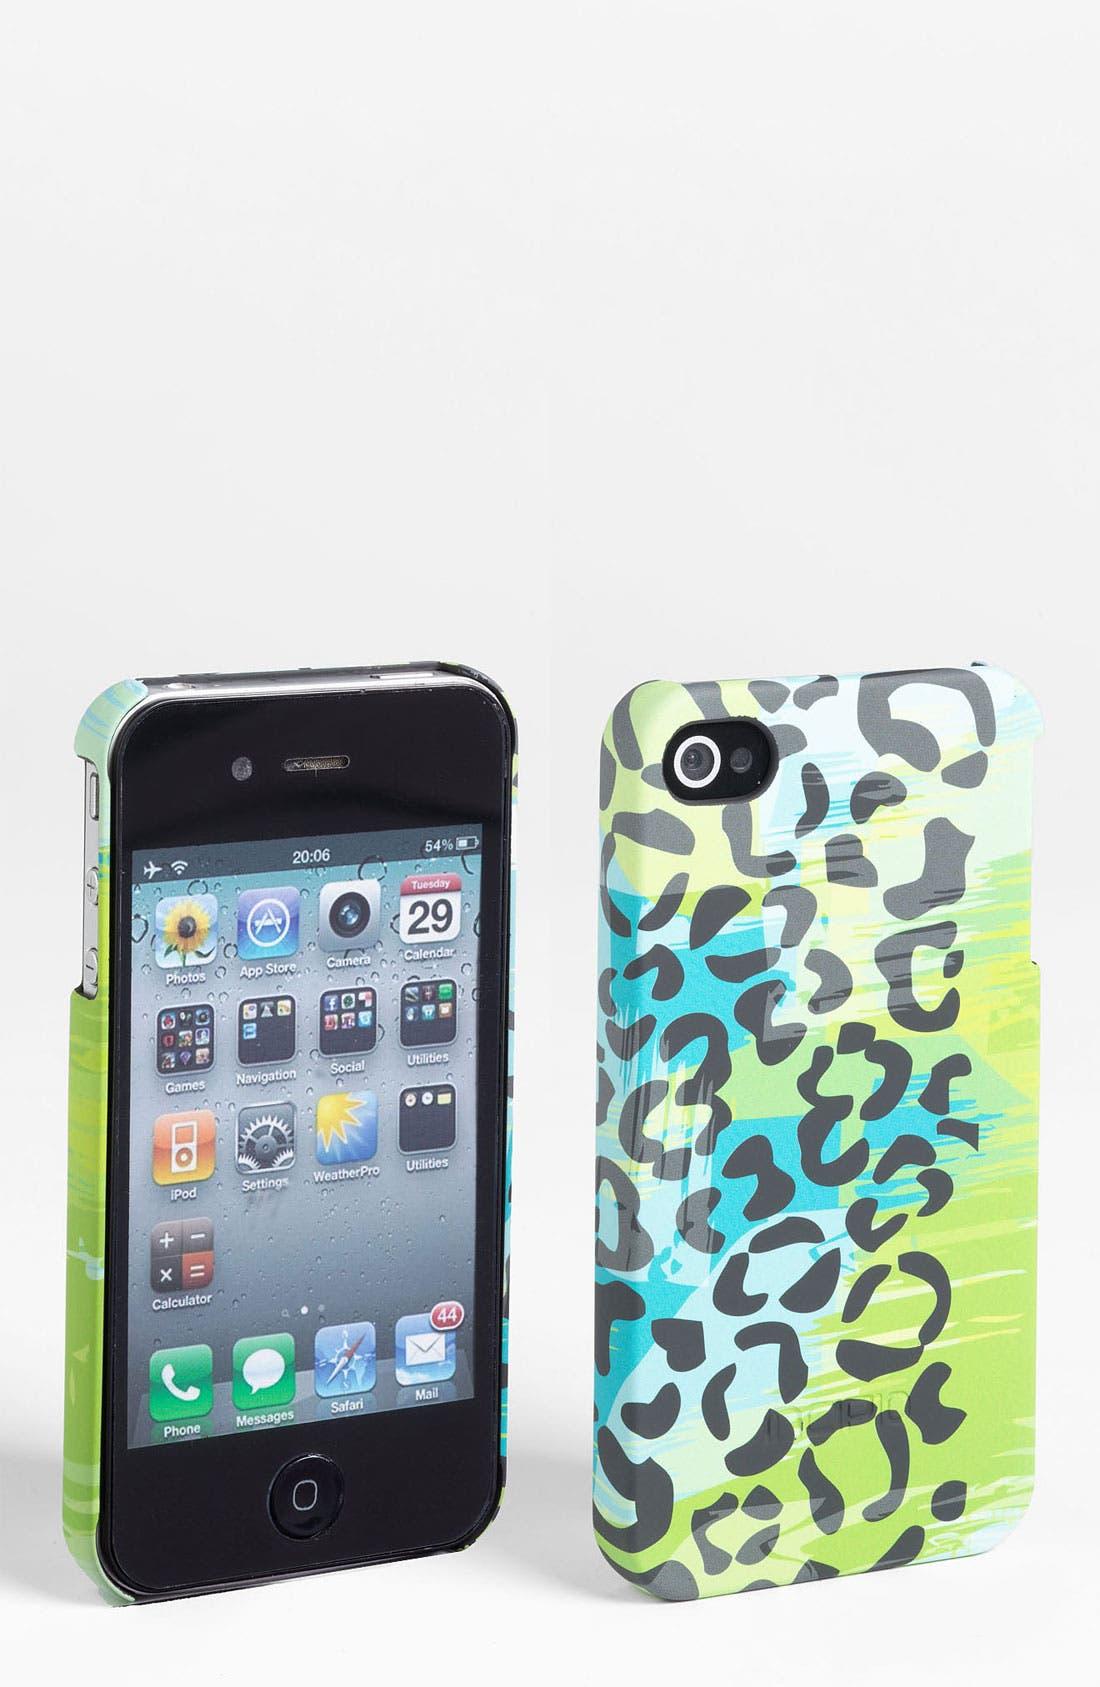 Main Image - Incipio 'Feather' iPhone 4 & 4S Case